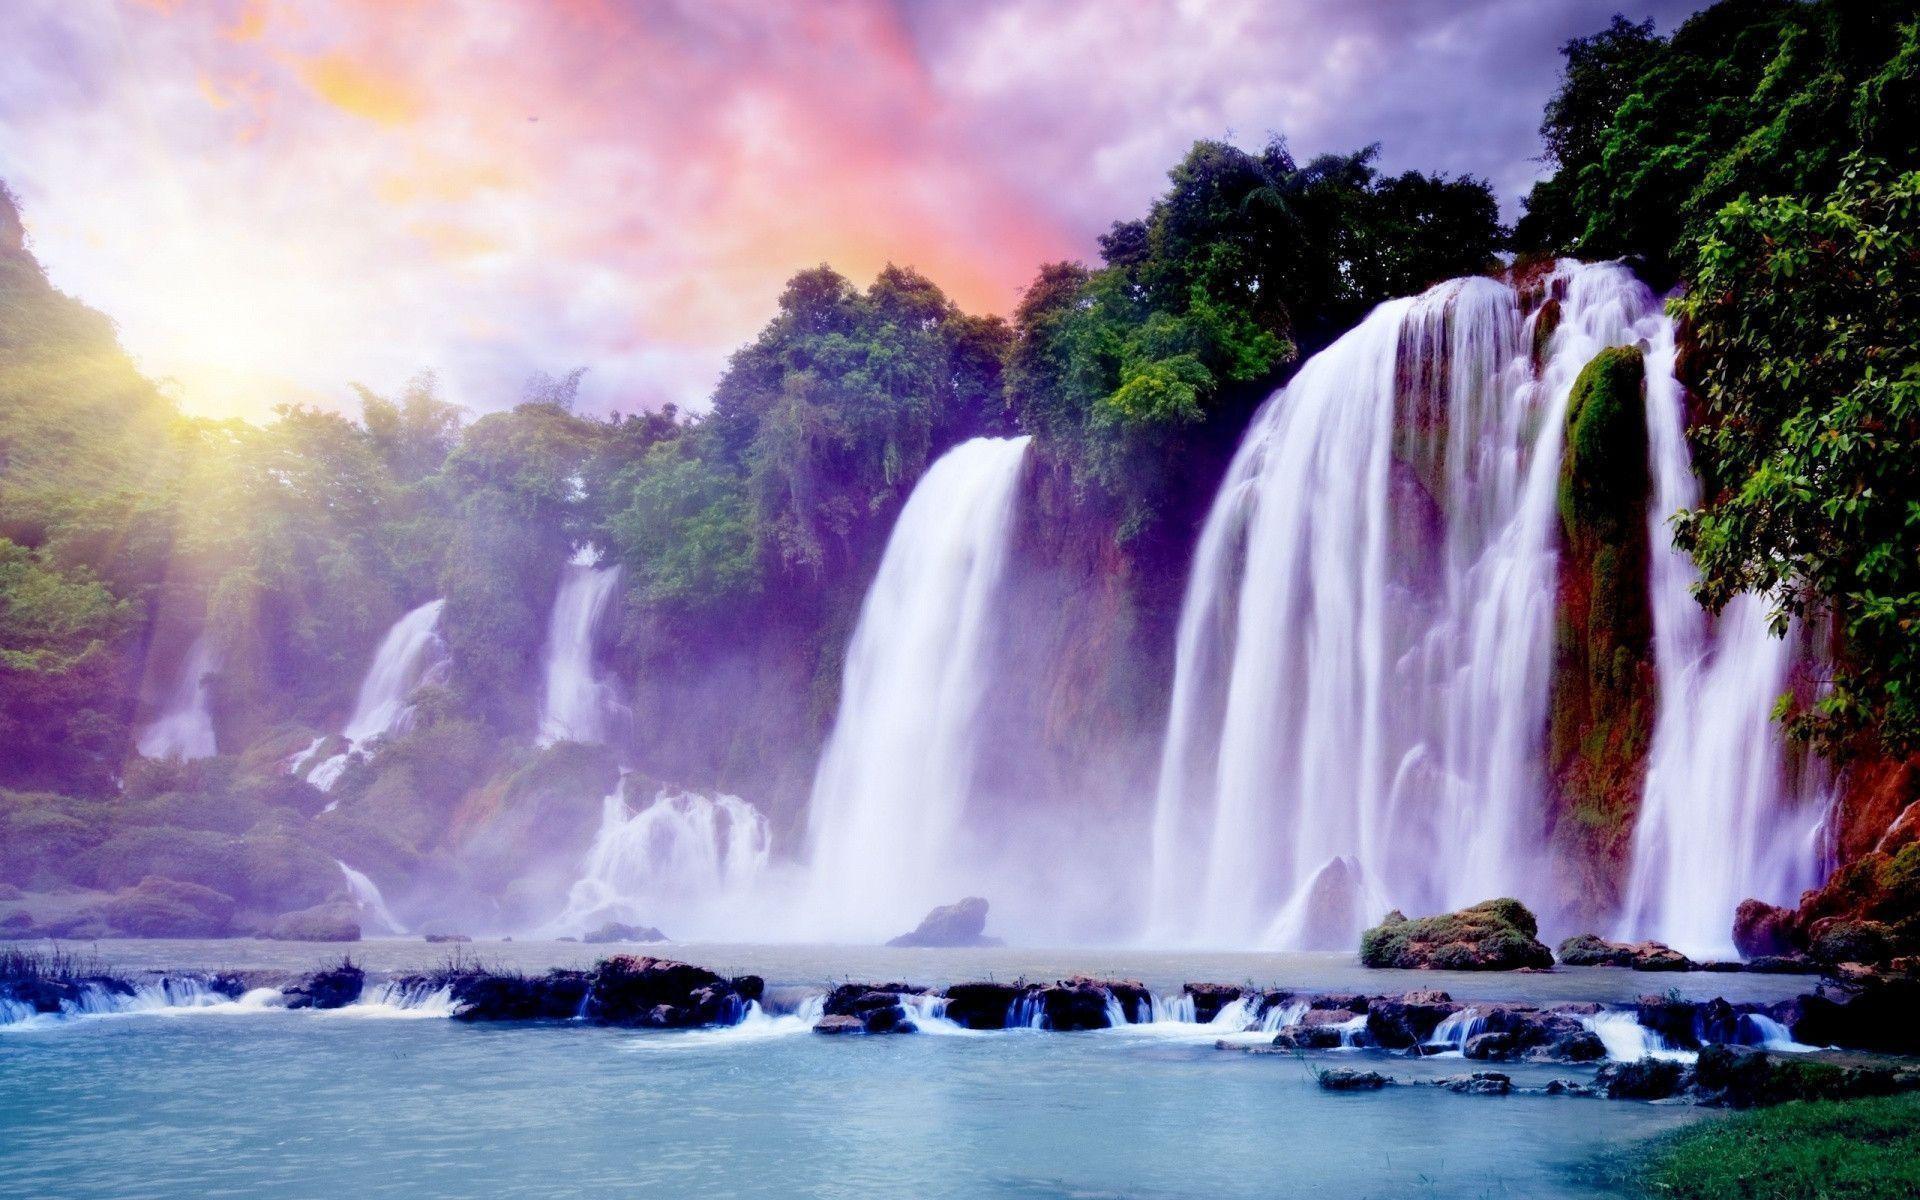 Waterfall Desktop Wallpaper (76+ pictures)